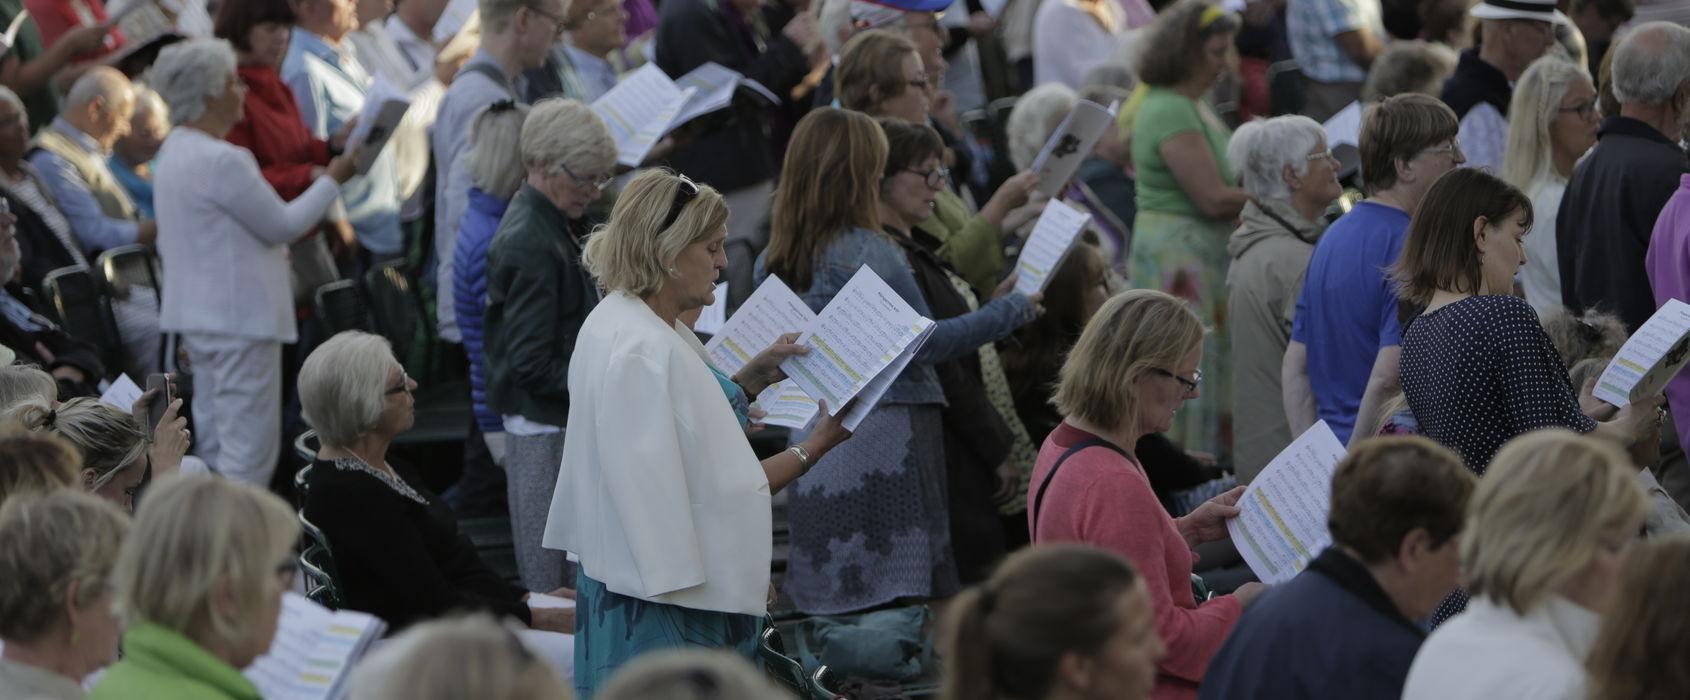 Publik vid Sollidenscenen, Skansen